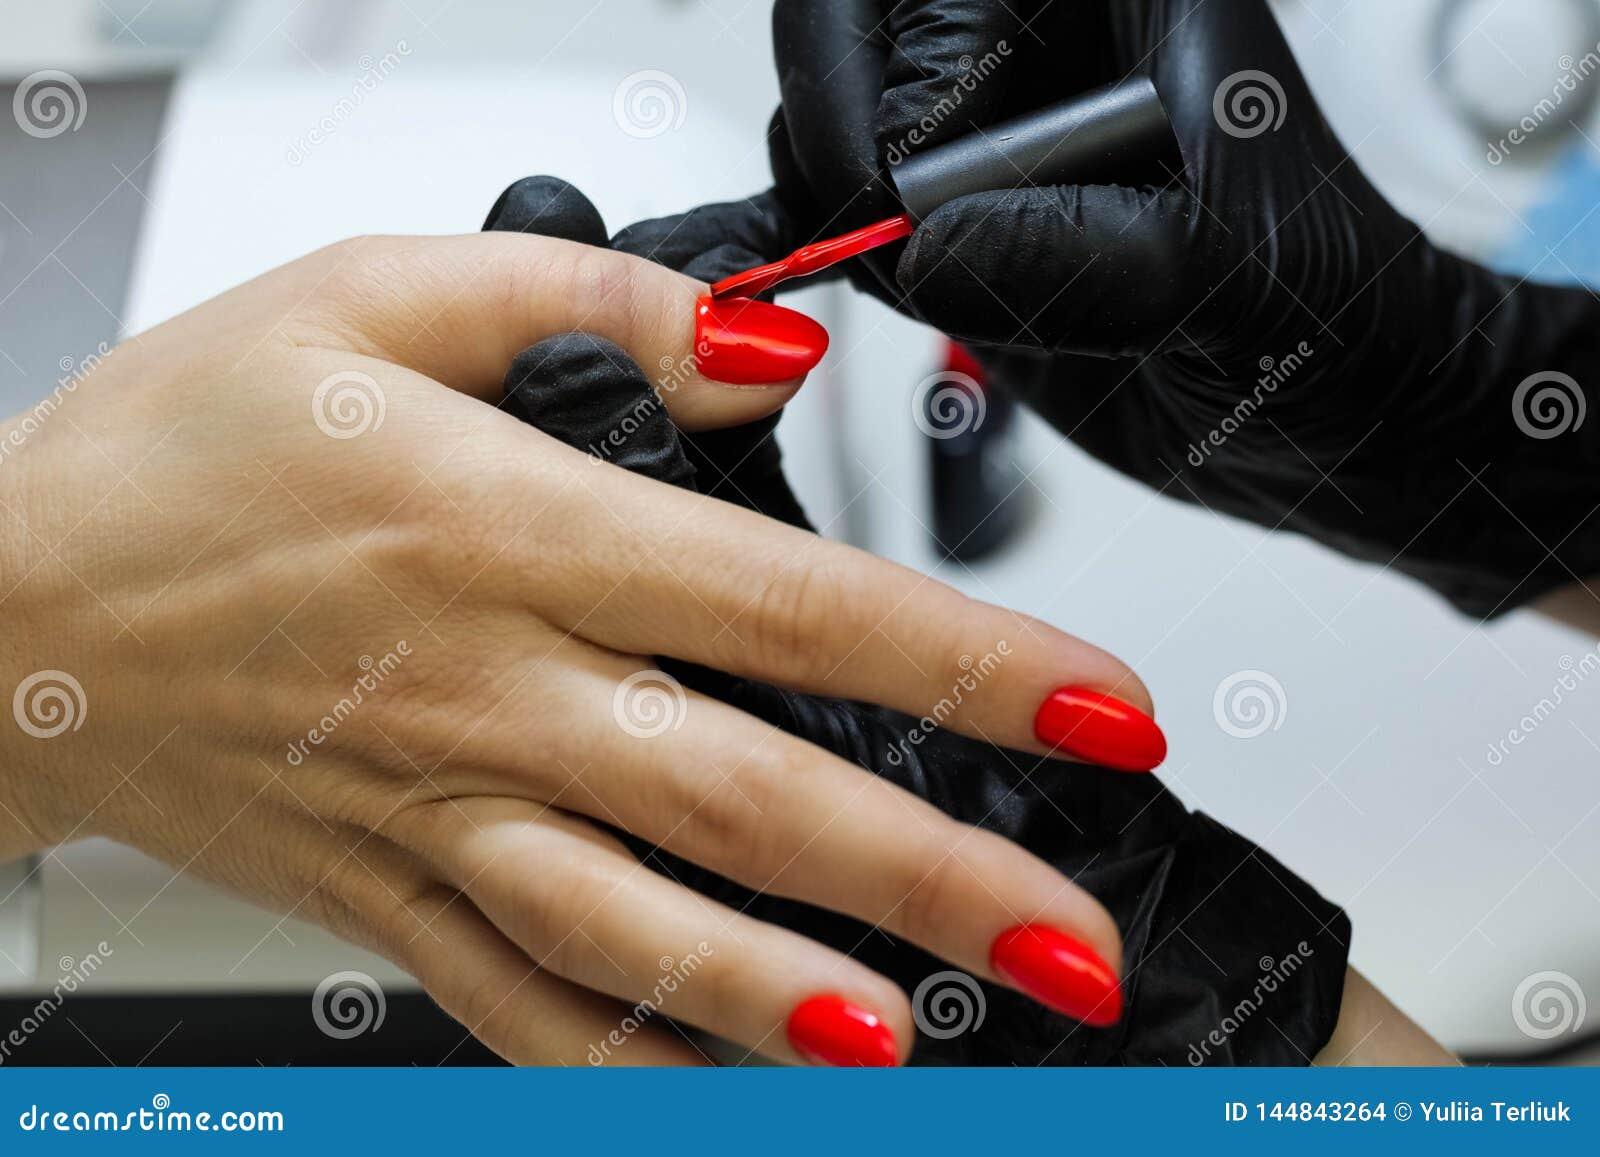 Manicure u specjalista w czarnych r?kawiczkach dba o r?ka gwo?dziach Manicurzysta farb gwo?dzie z czerwonym gwo?dzia po?yskiem